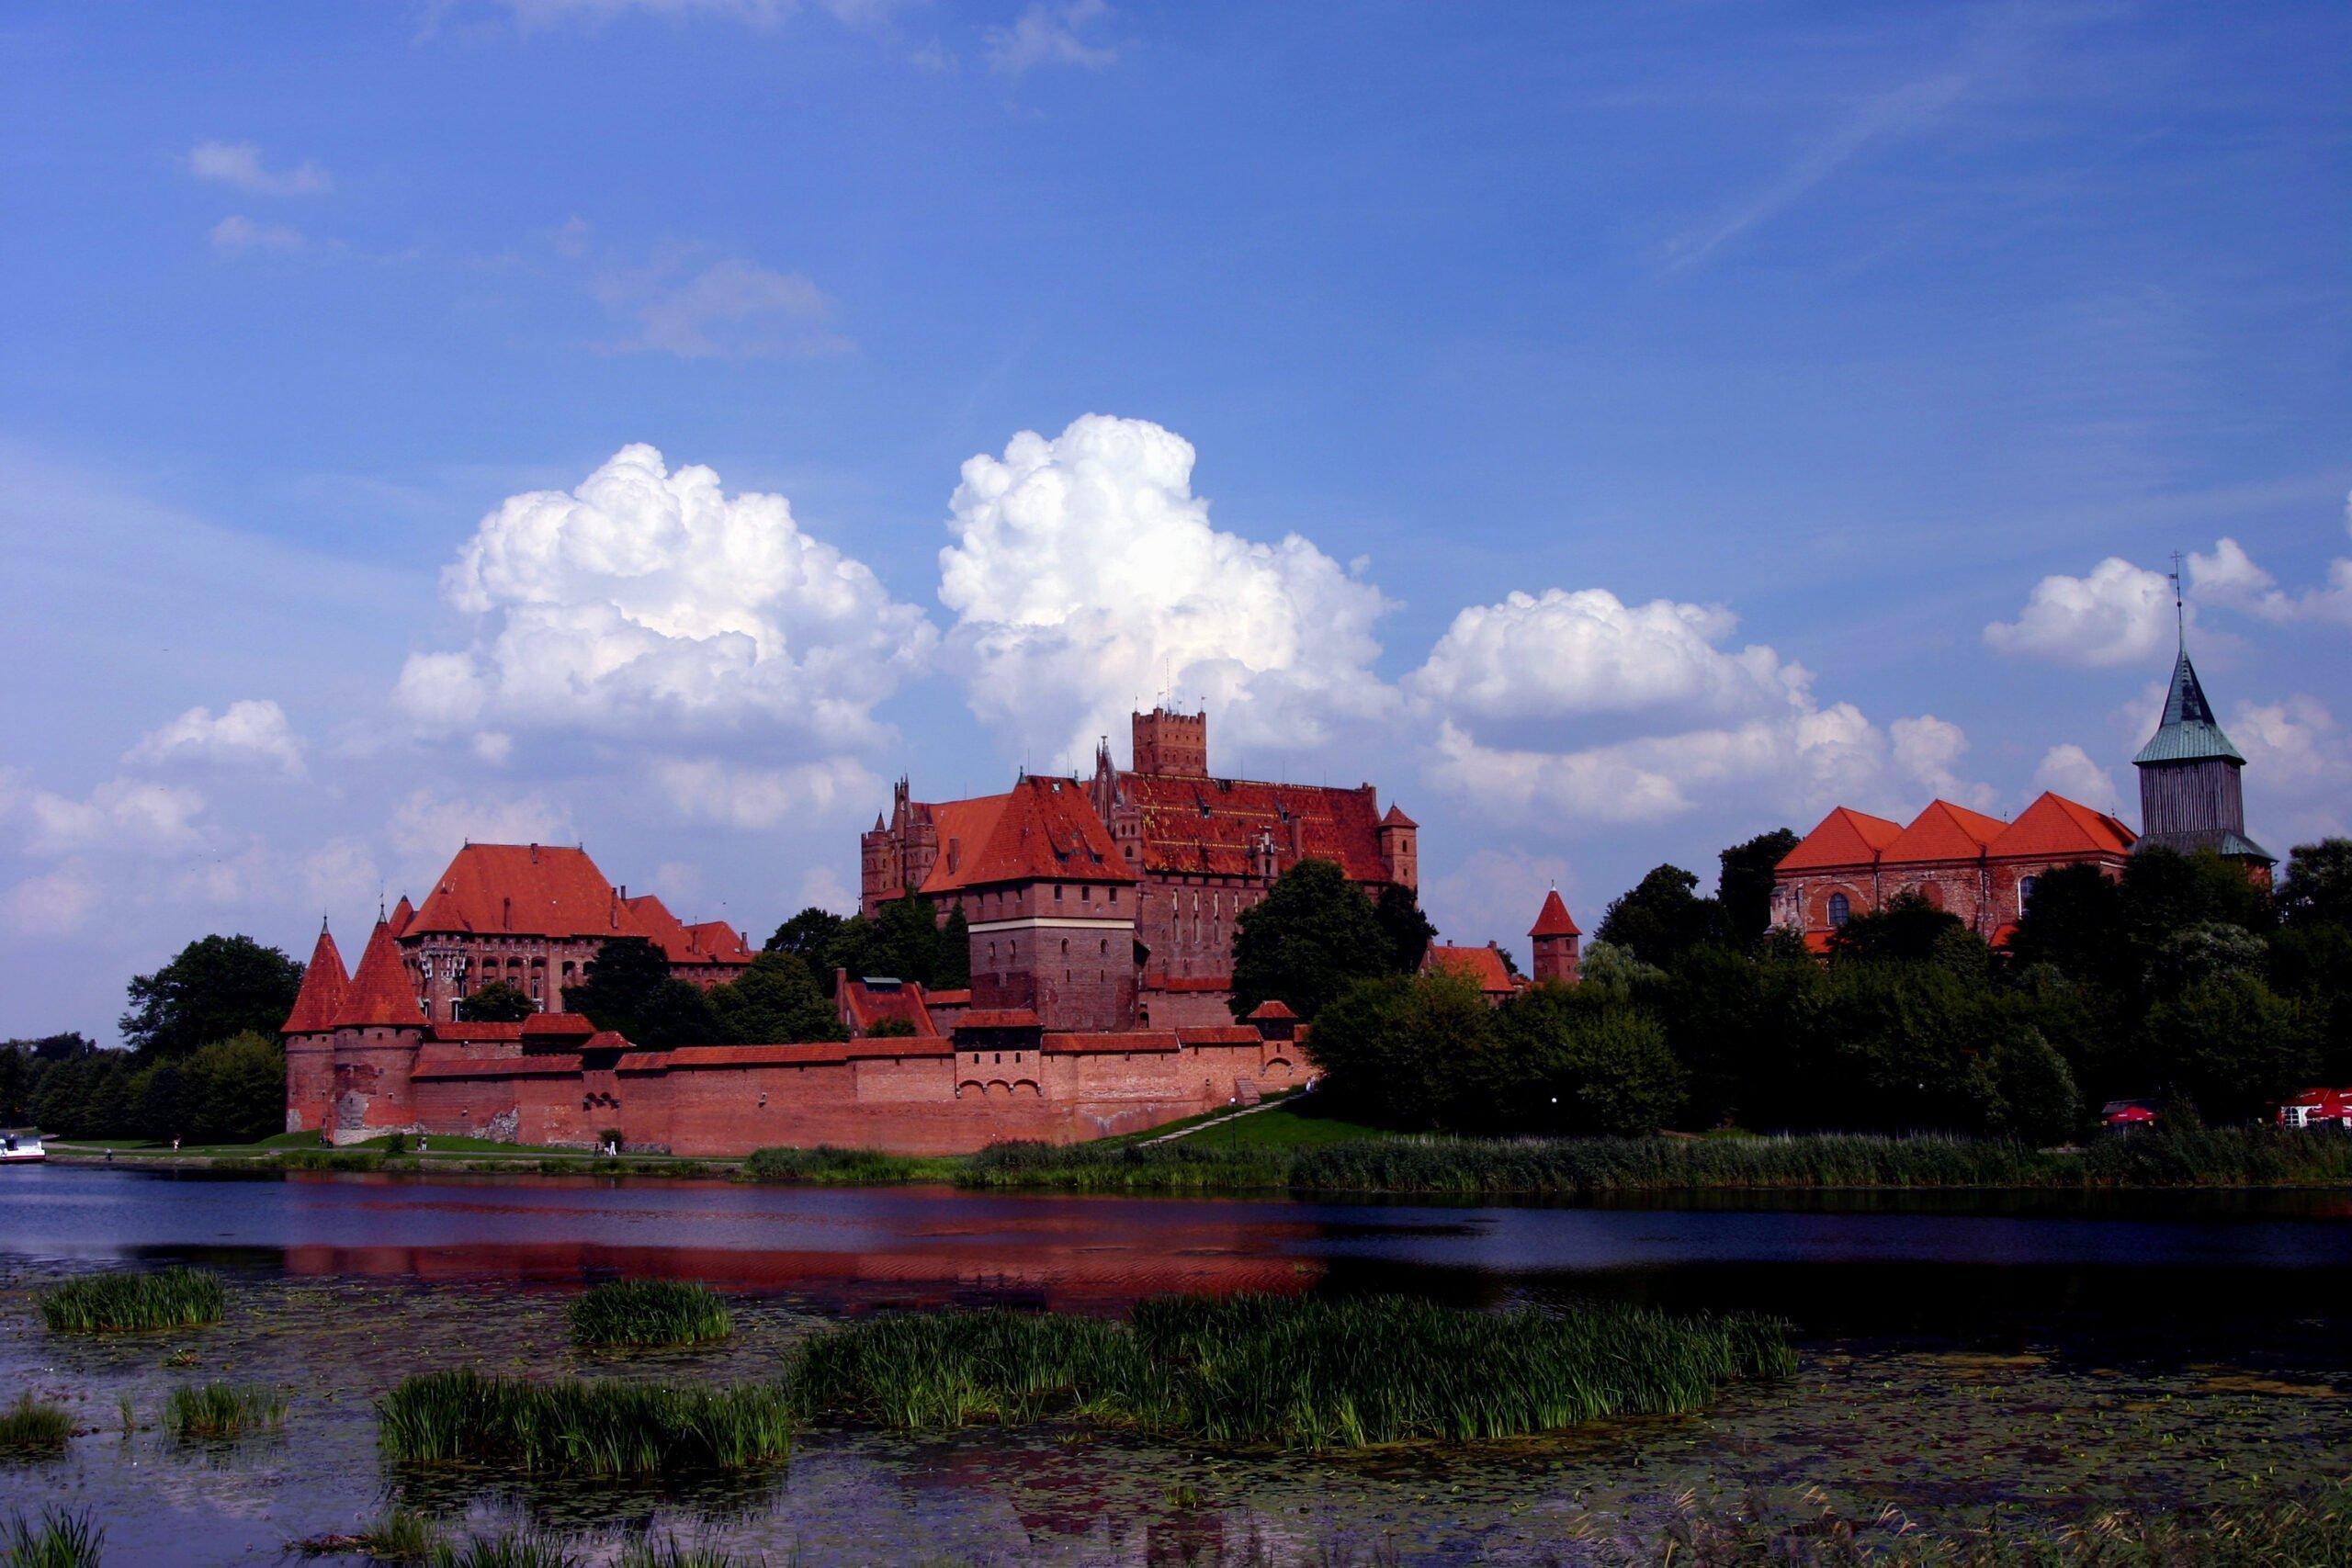 Zamek krzyżacki w Malborku